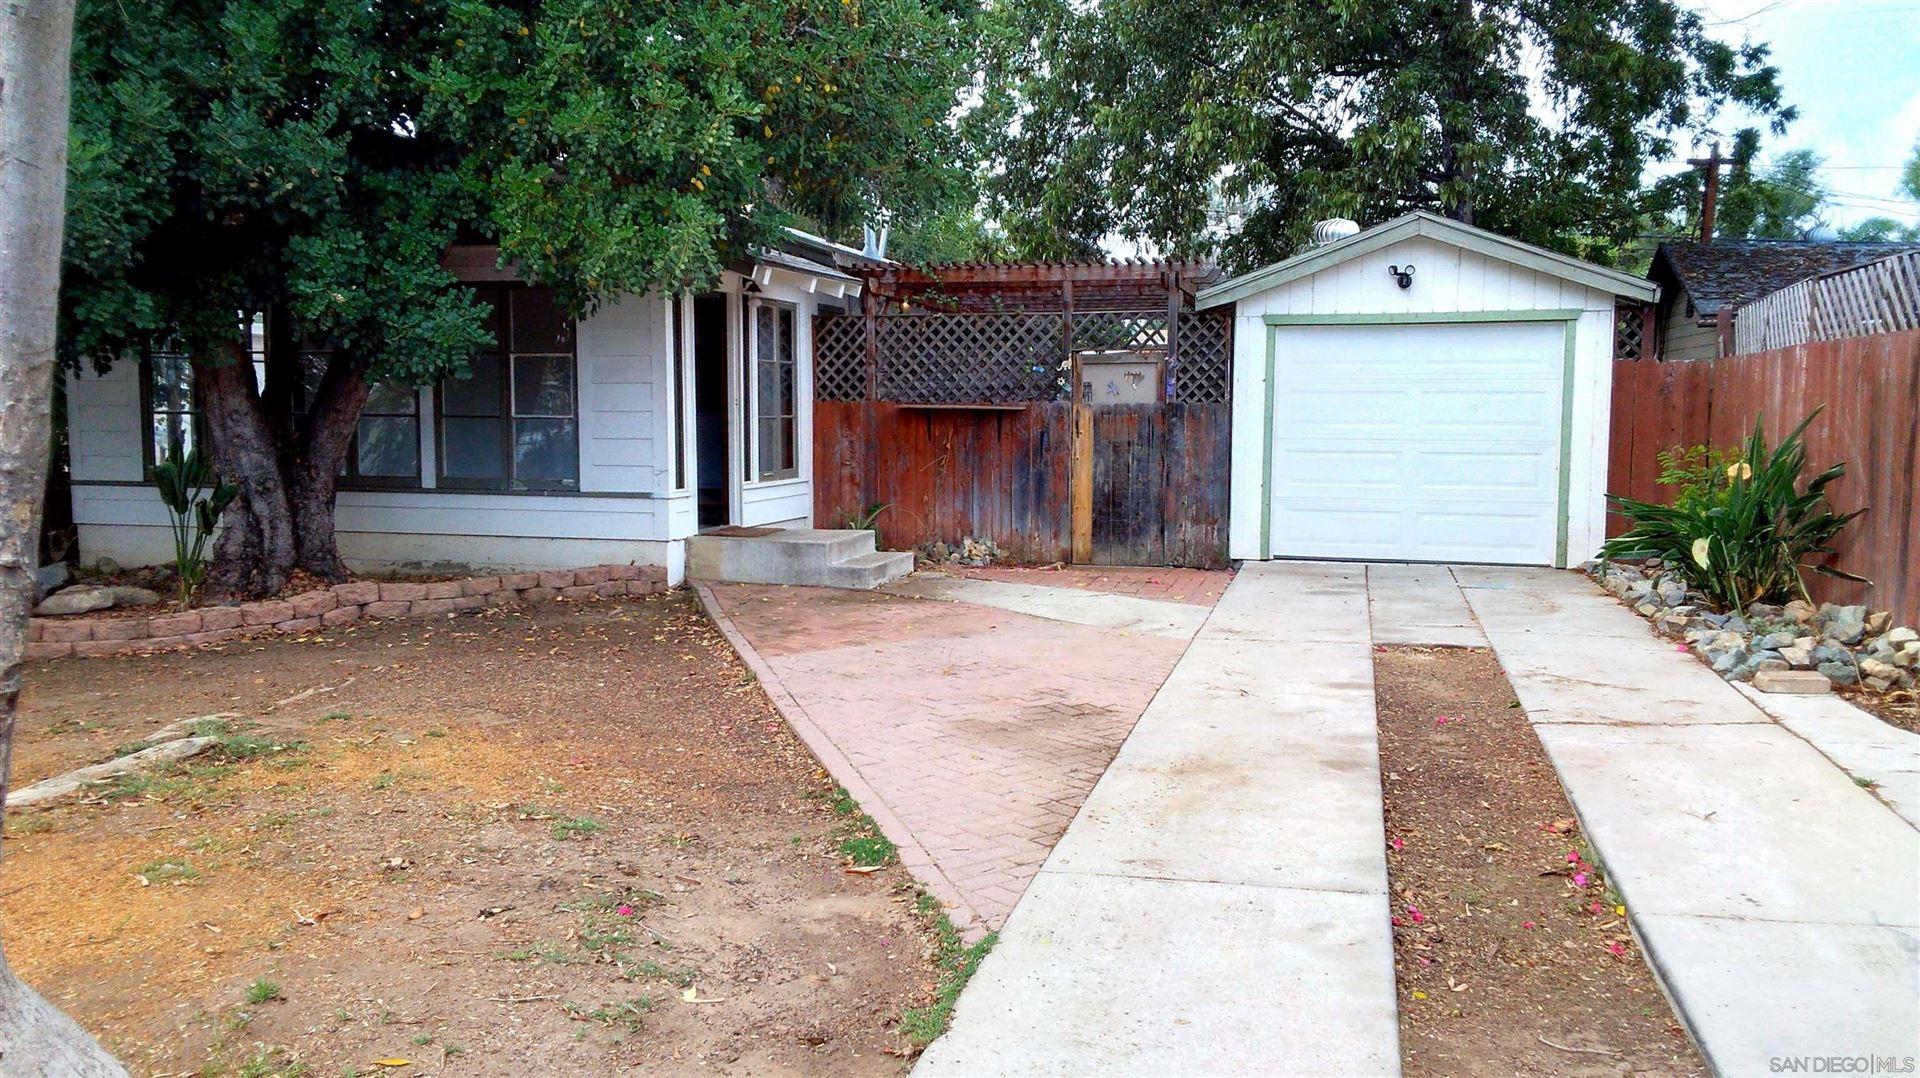 Photo of 218 W W 11Th Ave, Escondido, CA 92025 (MLS # 210021388)